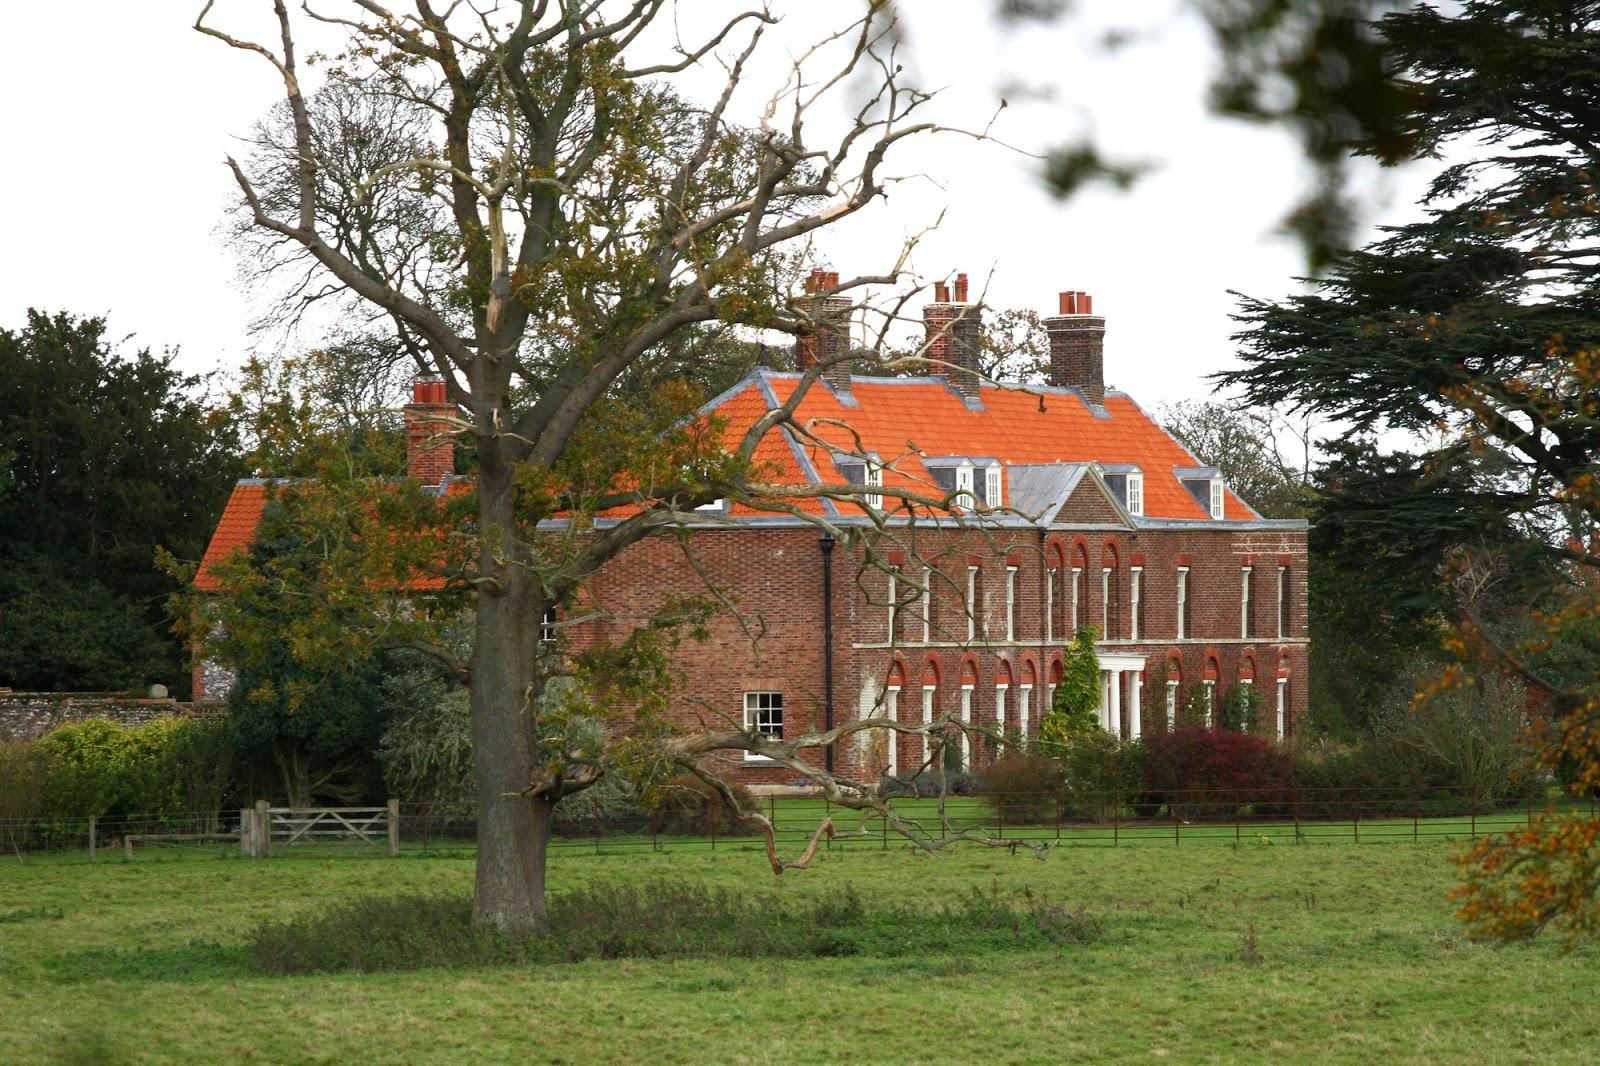 Cambridge Homes: Anmer Hall